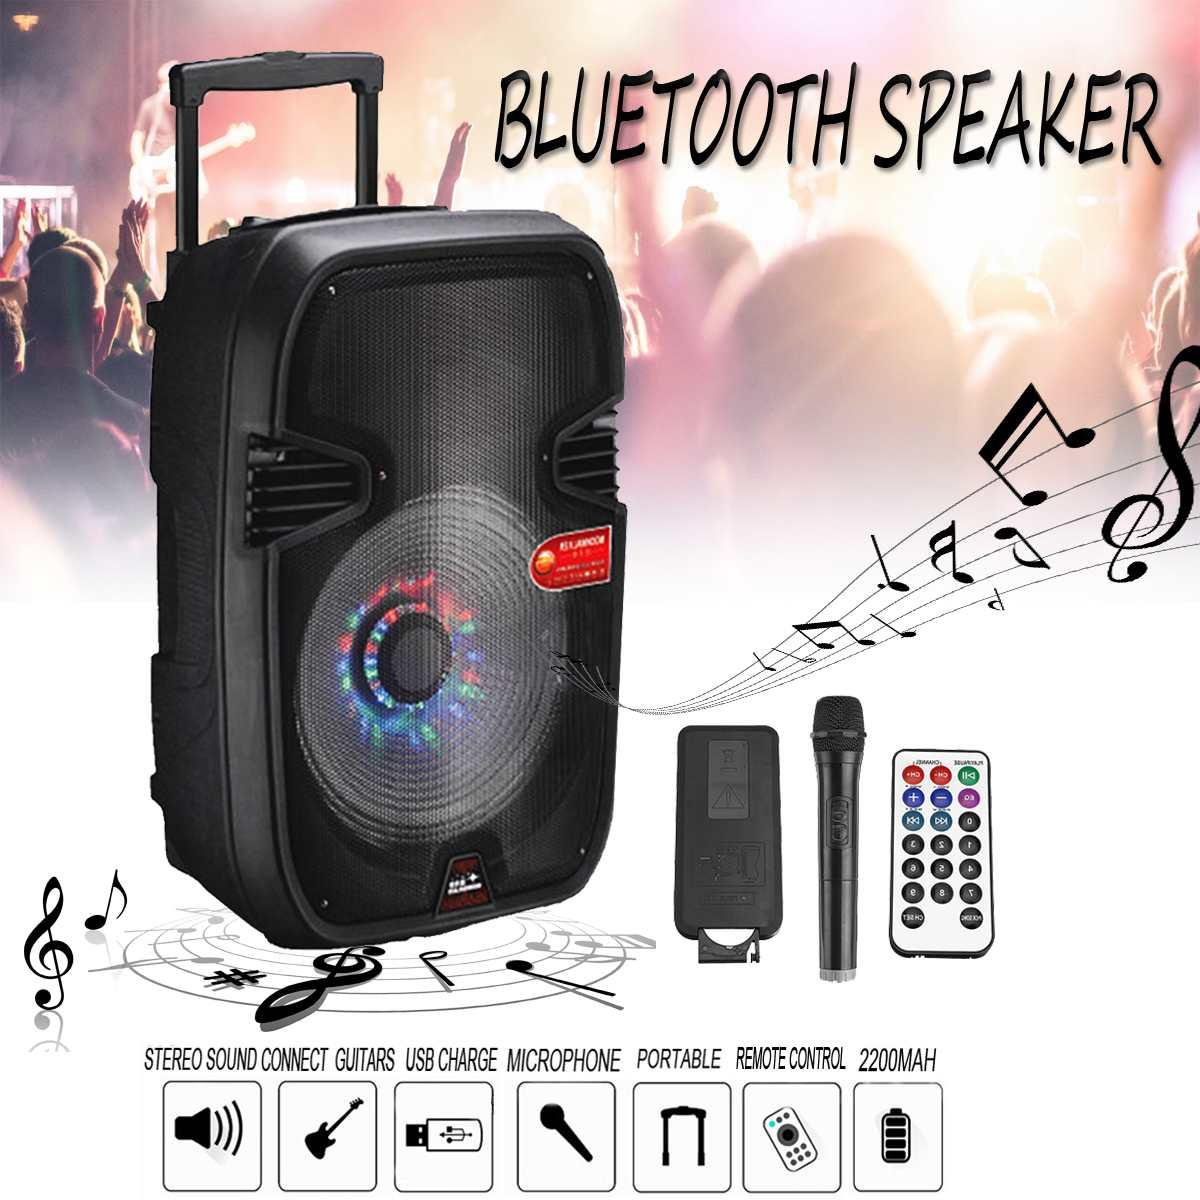 Haut-parleur bluetooth sans fil extérieur 15 pouces haut-parleur stéréo Portable haut-parleur Super haut-parleur avec carte USB/TF